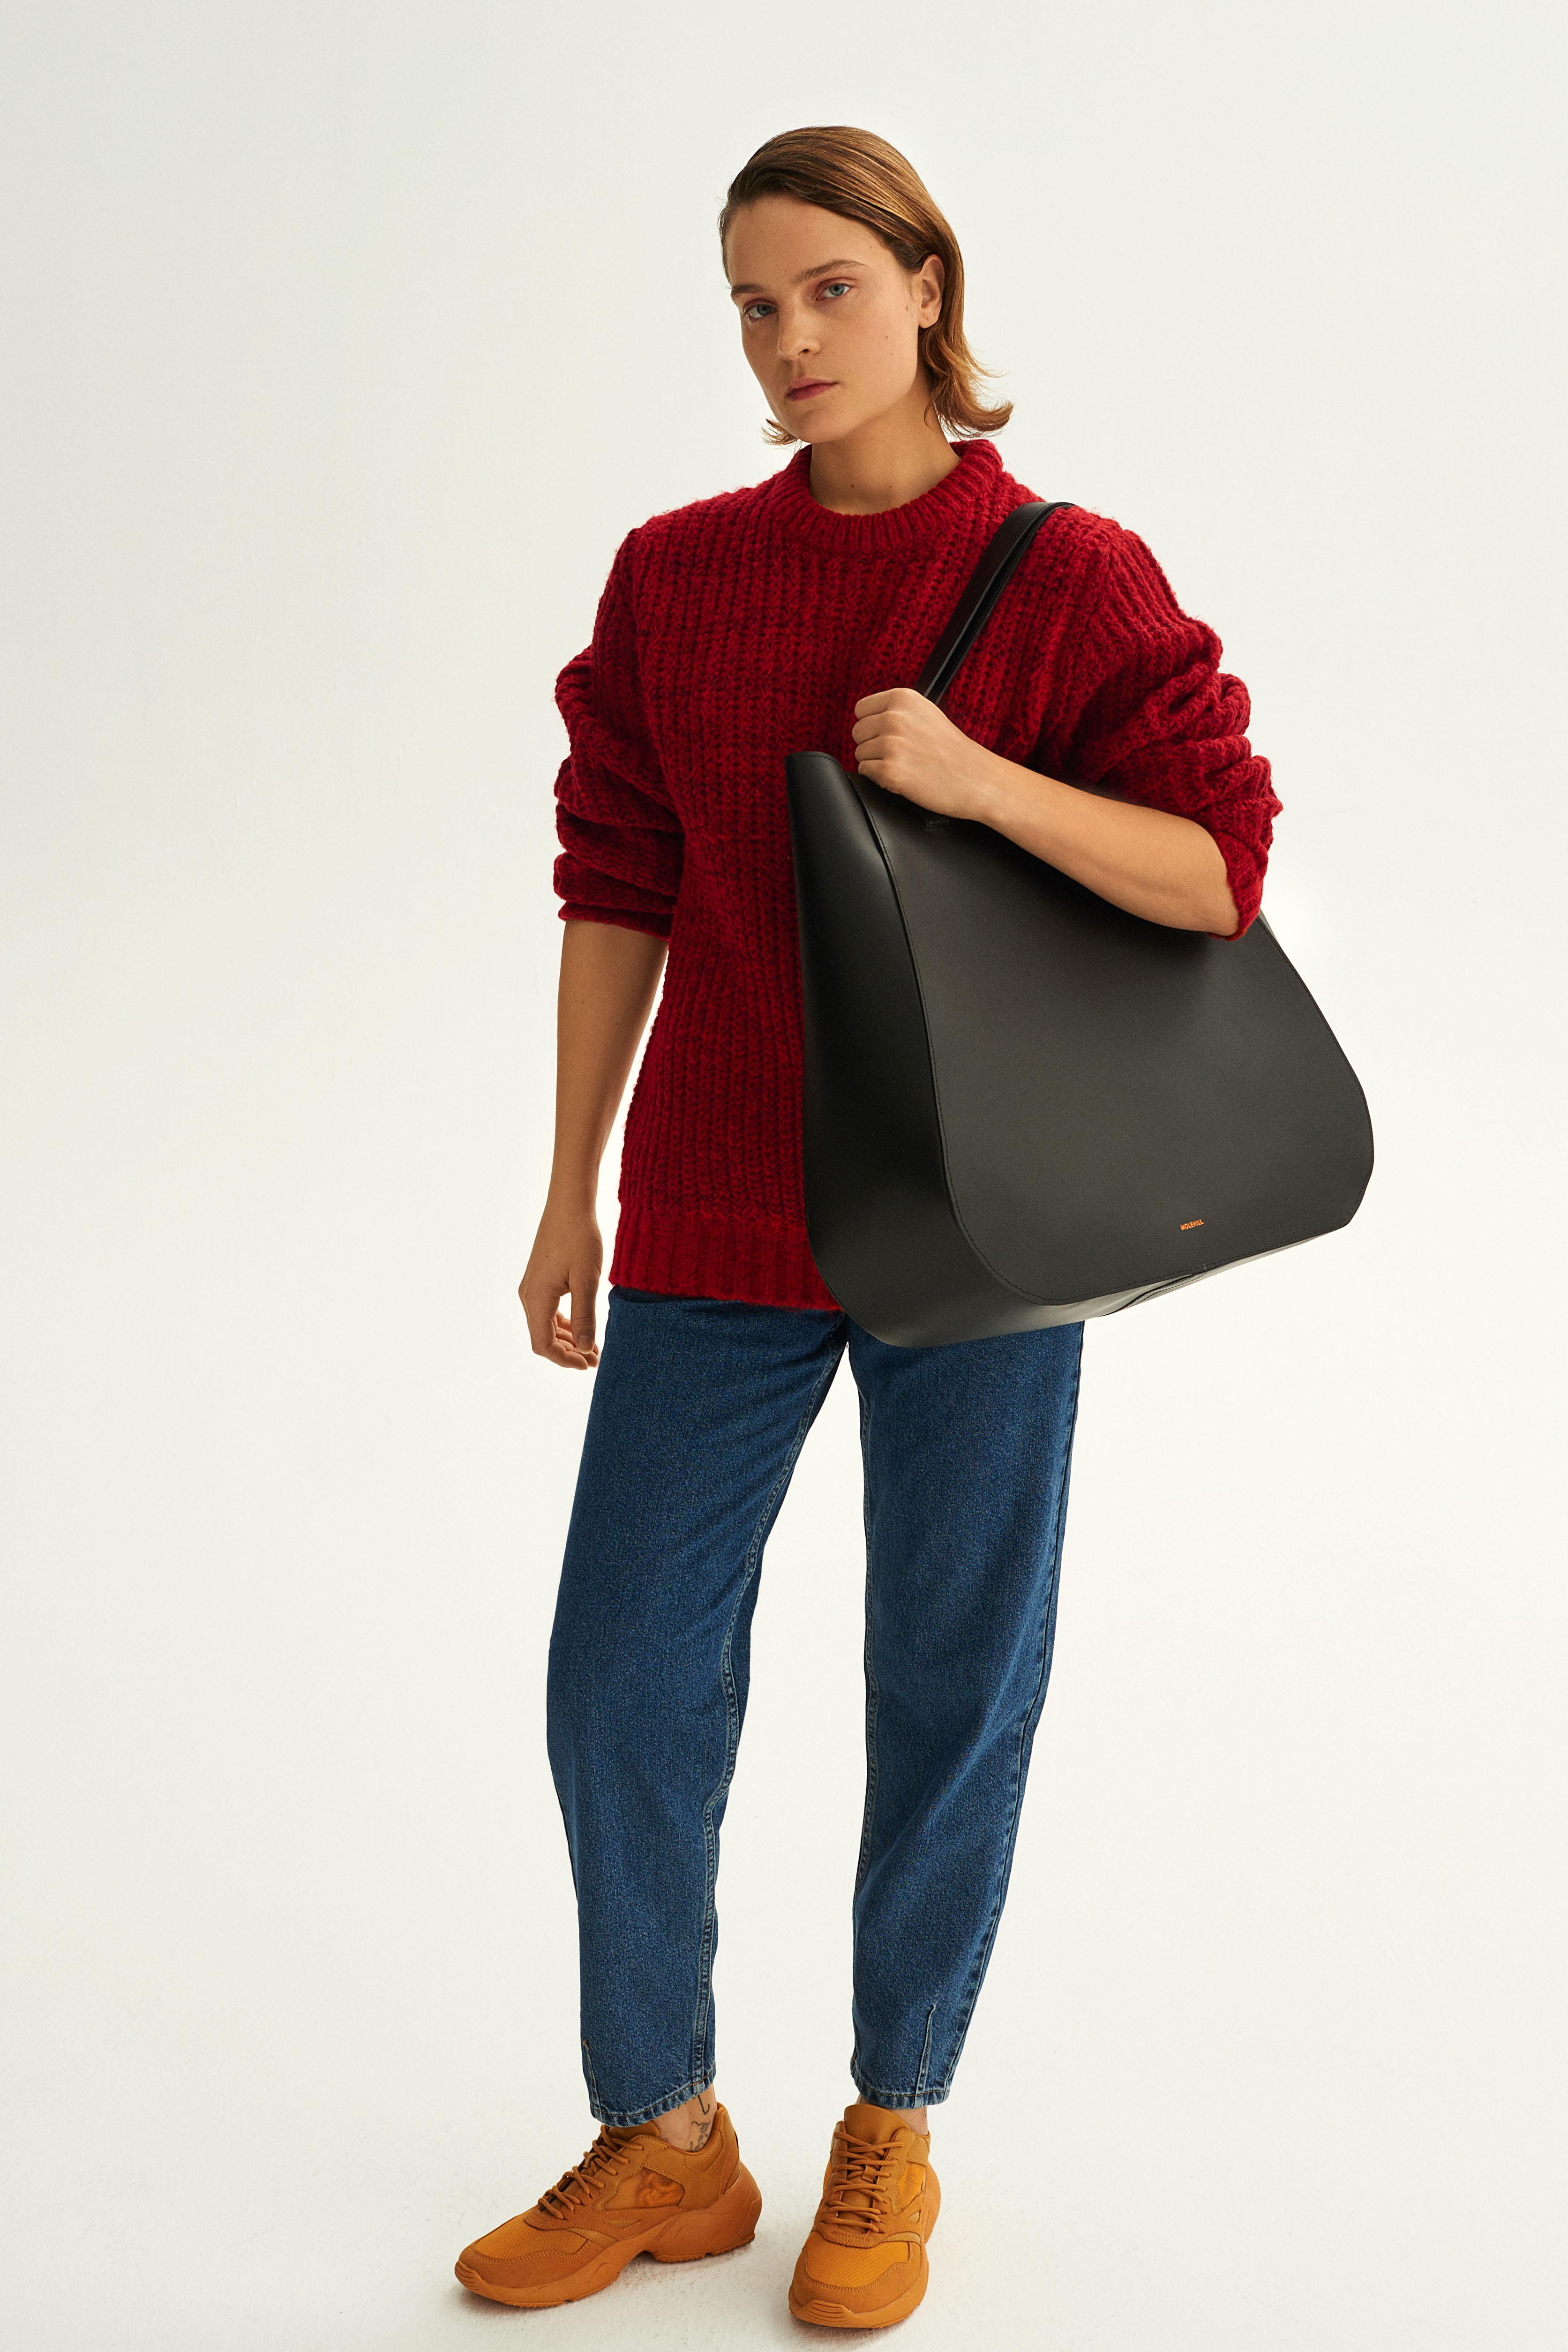 Molehill-Lookbook-Lesa-Large-Handbag-Black